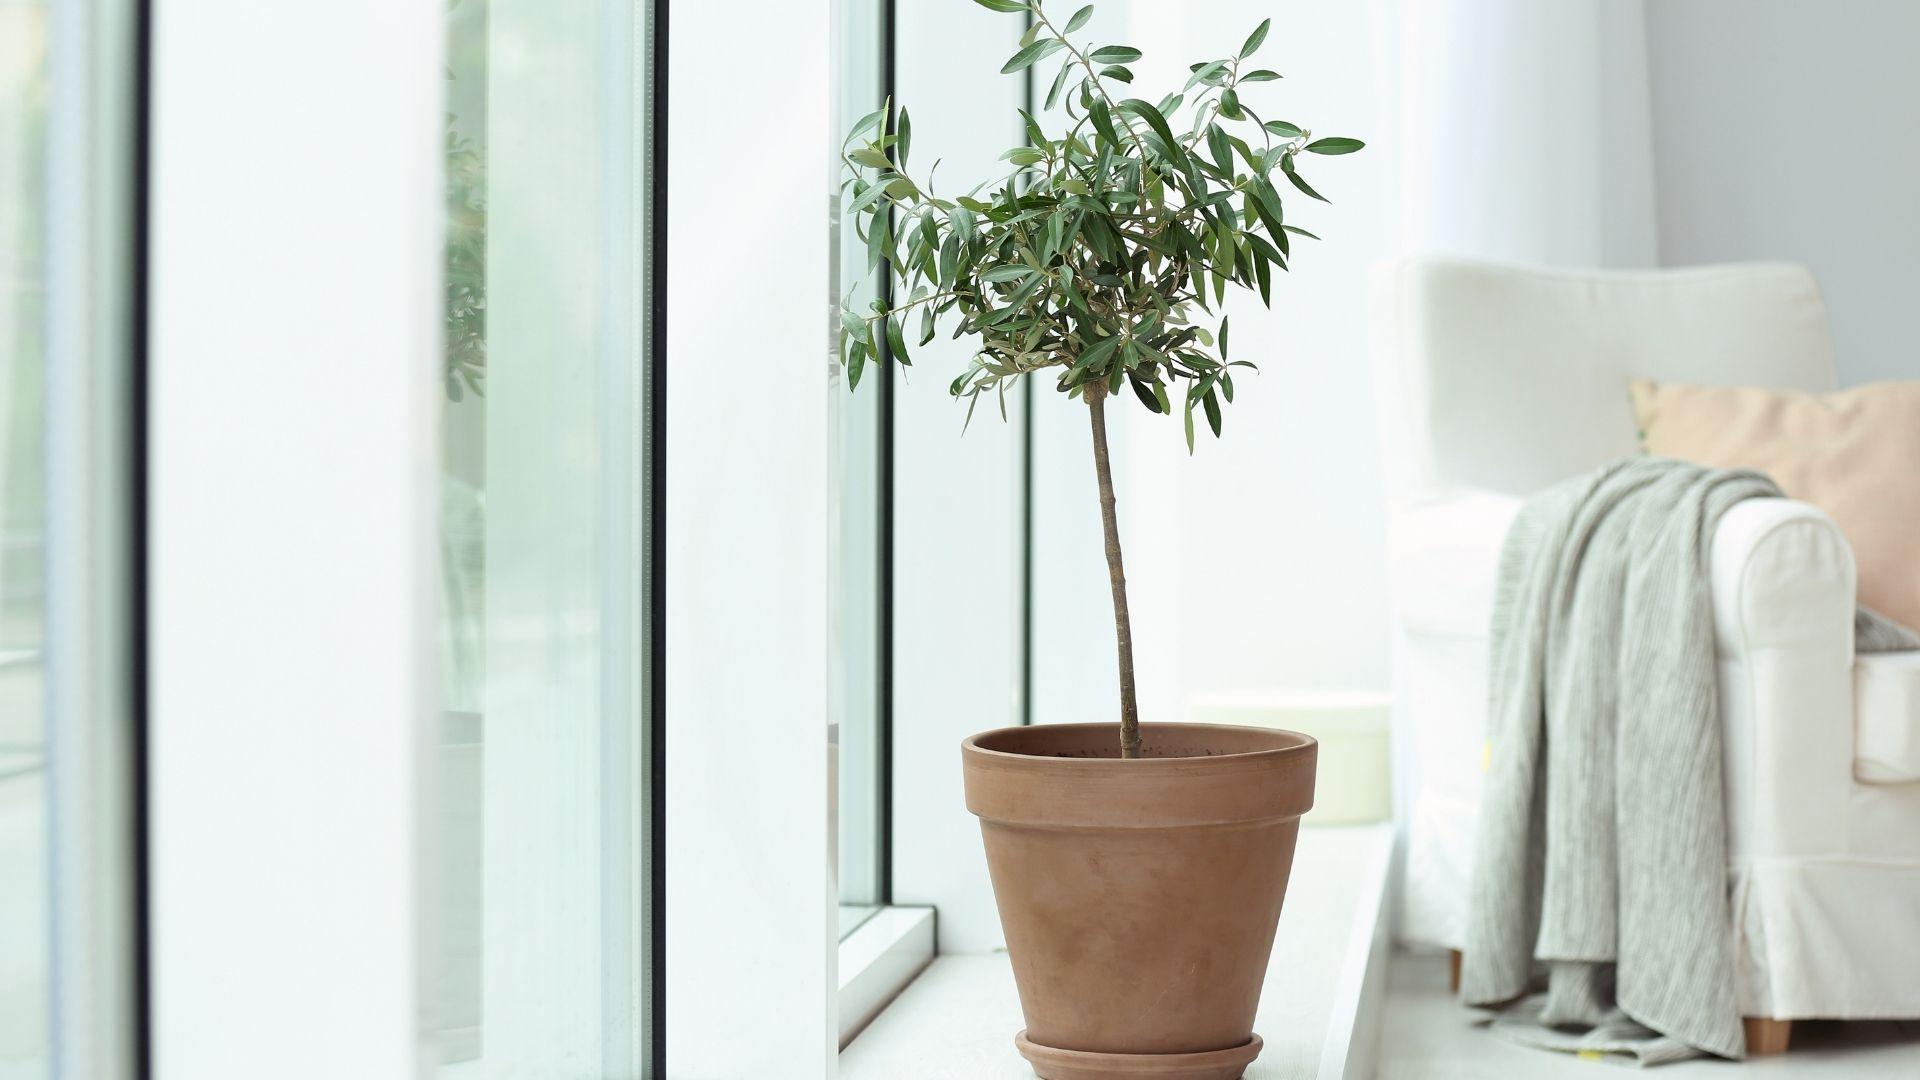 drzewo oliwne hodowla w domu